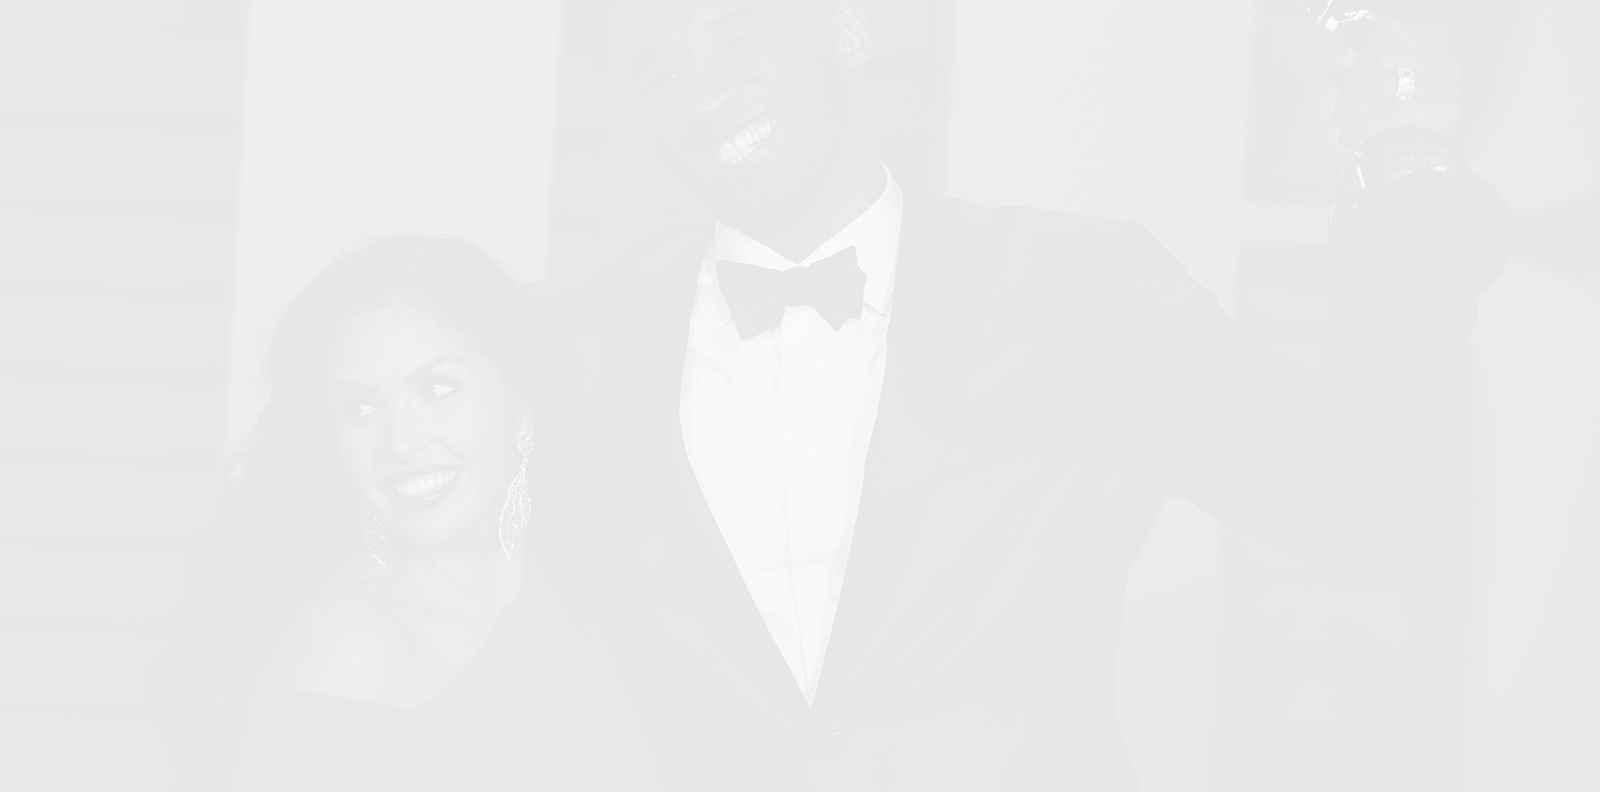 Съпругата на Коби Брайънт съди компанията, отговорна за смъртта на баскетболиста